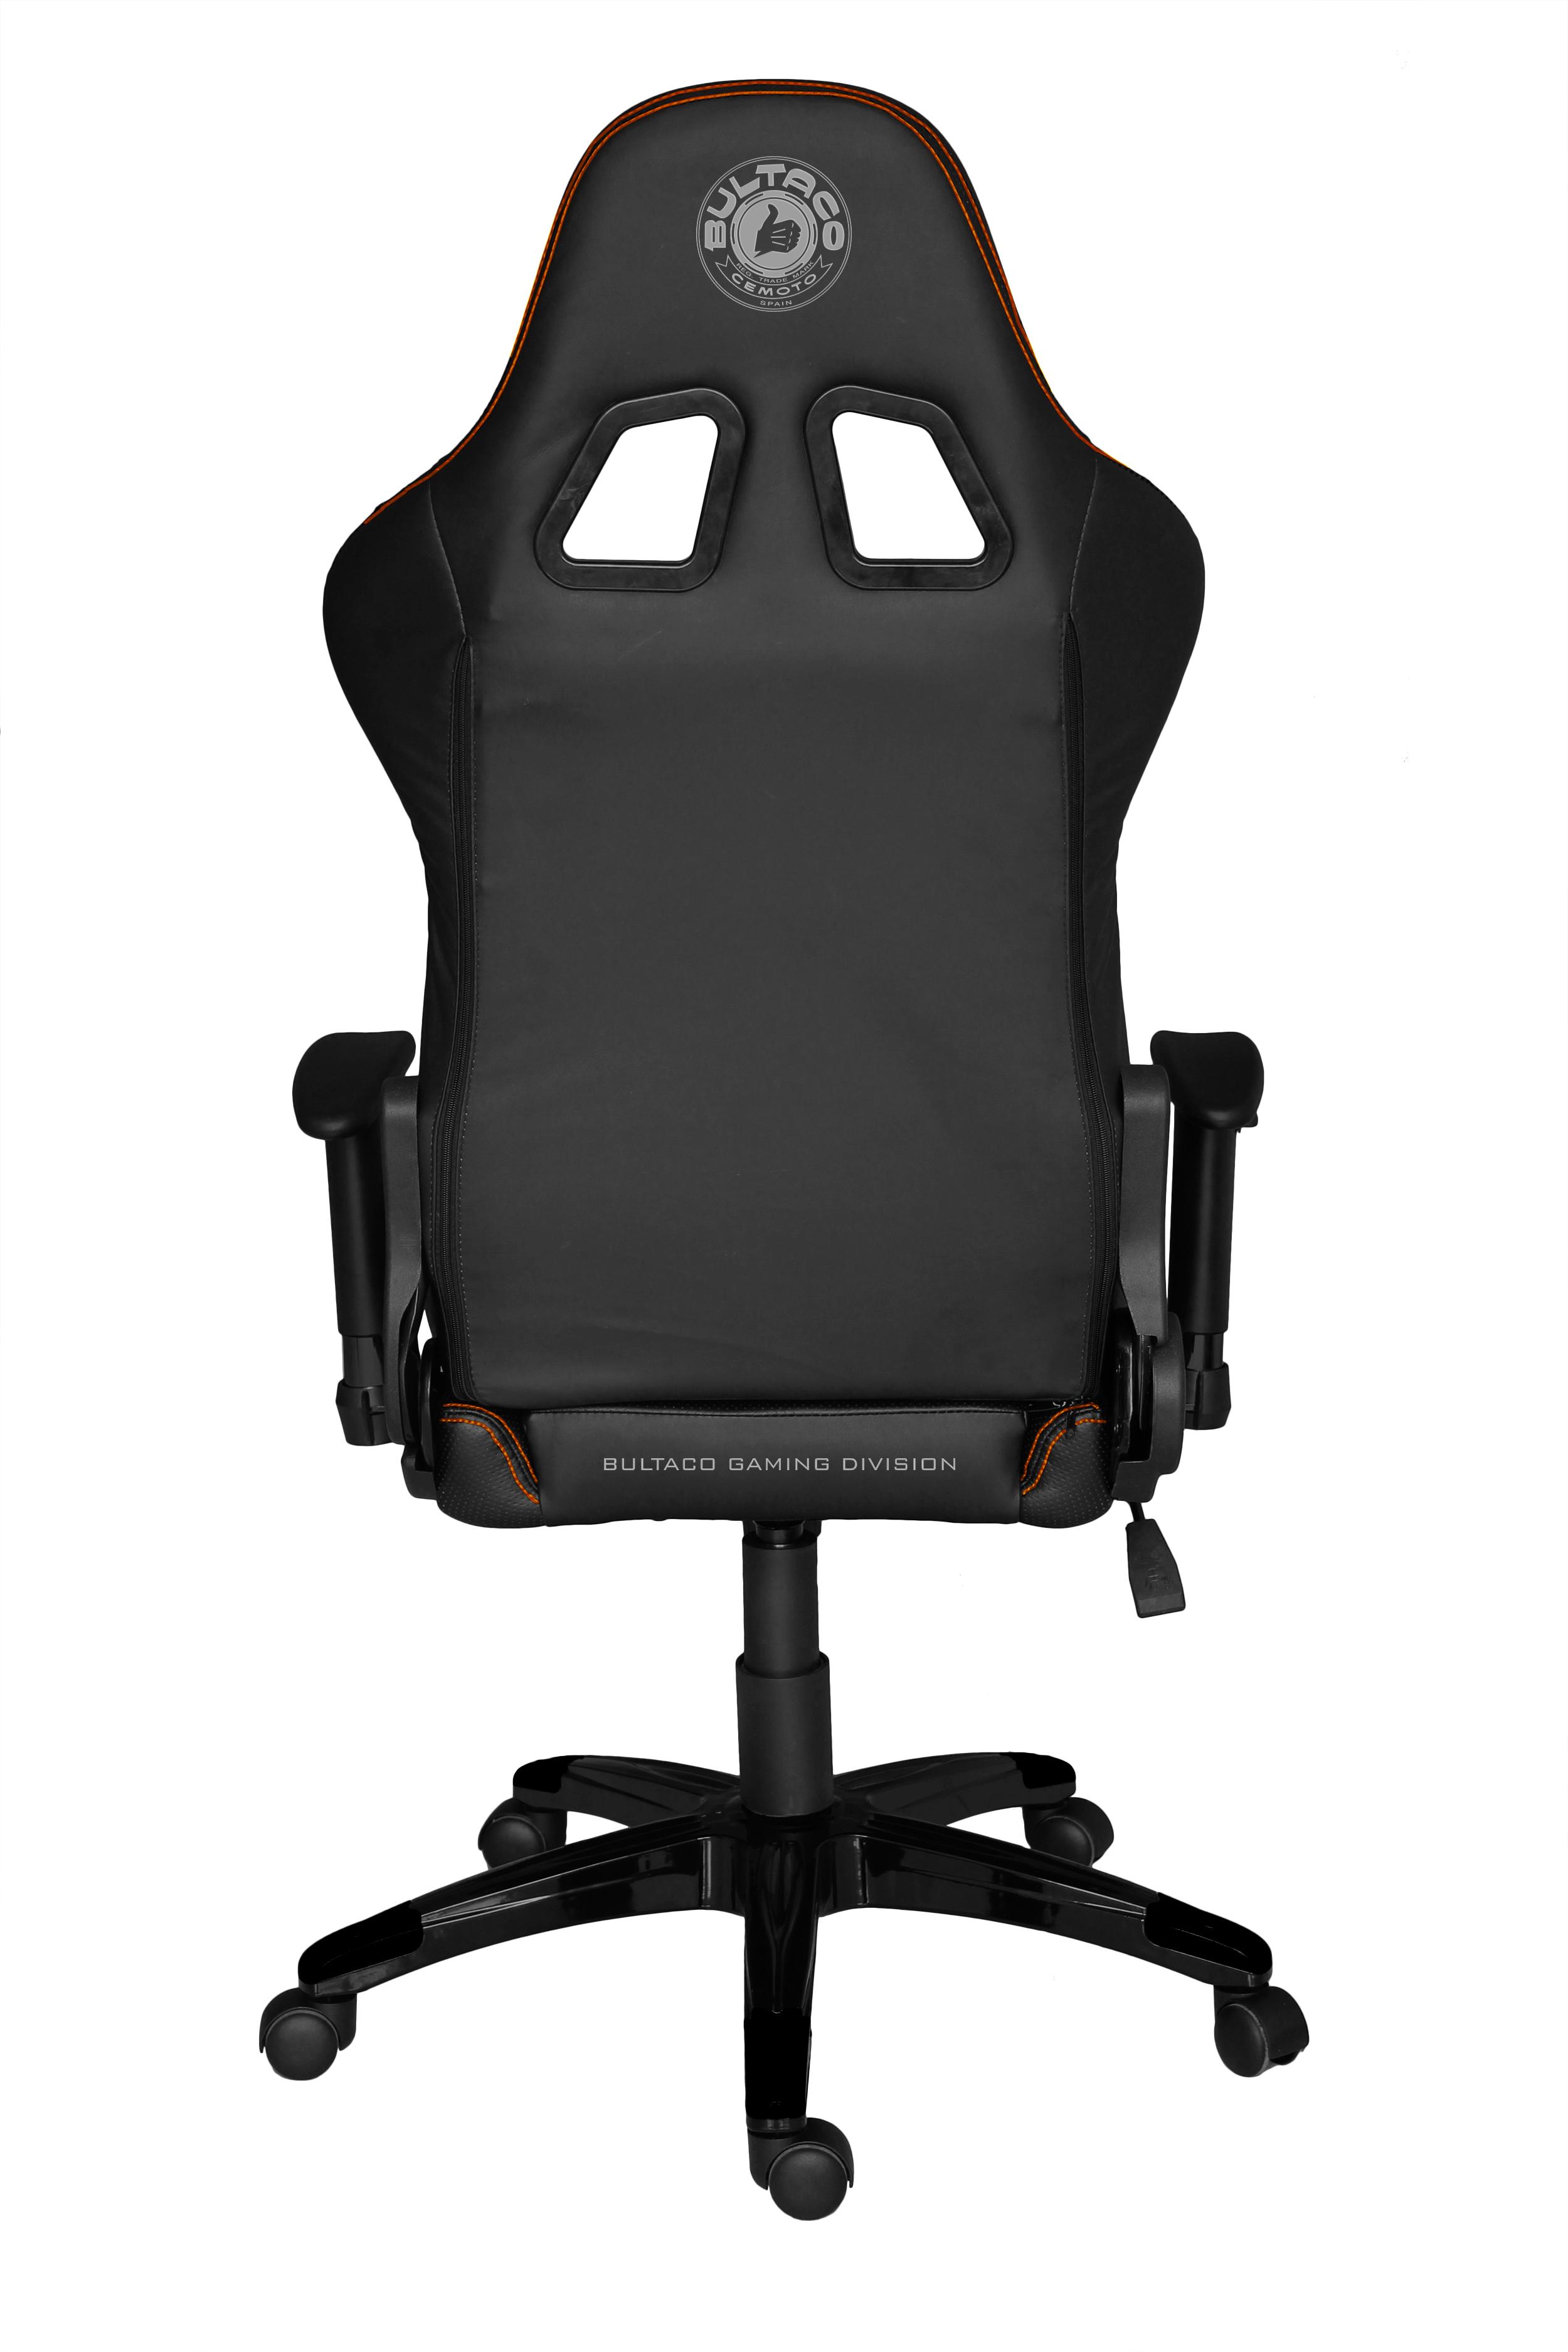 Bultaco gaming division negro naranja silla gaming - Bultaco silla gaming ...